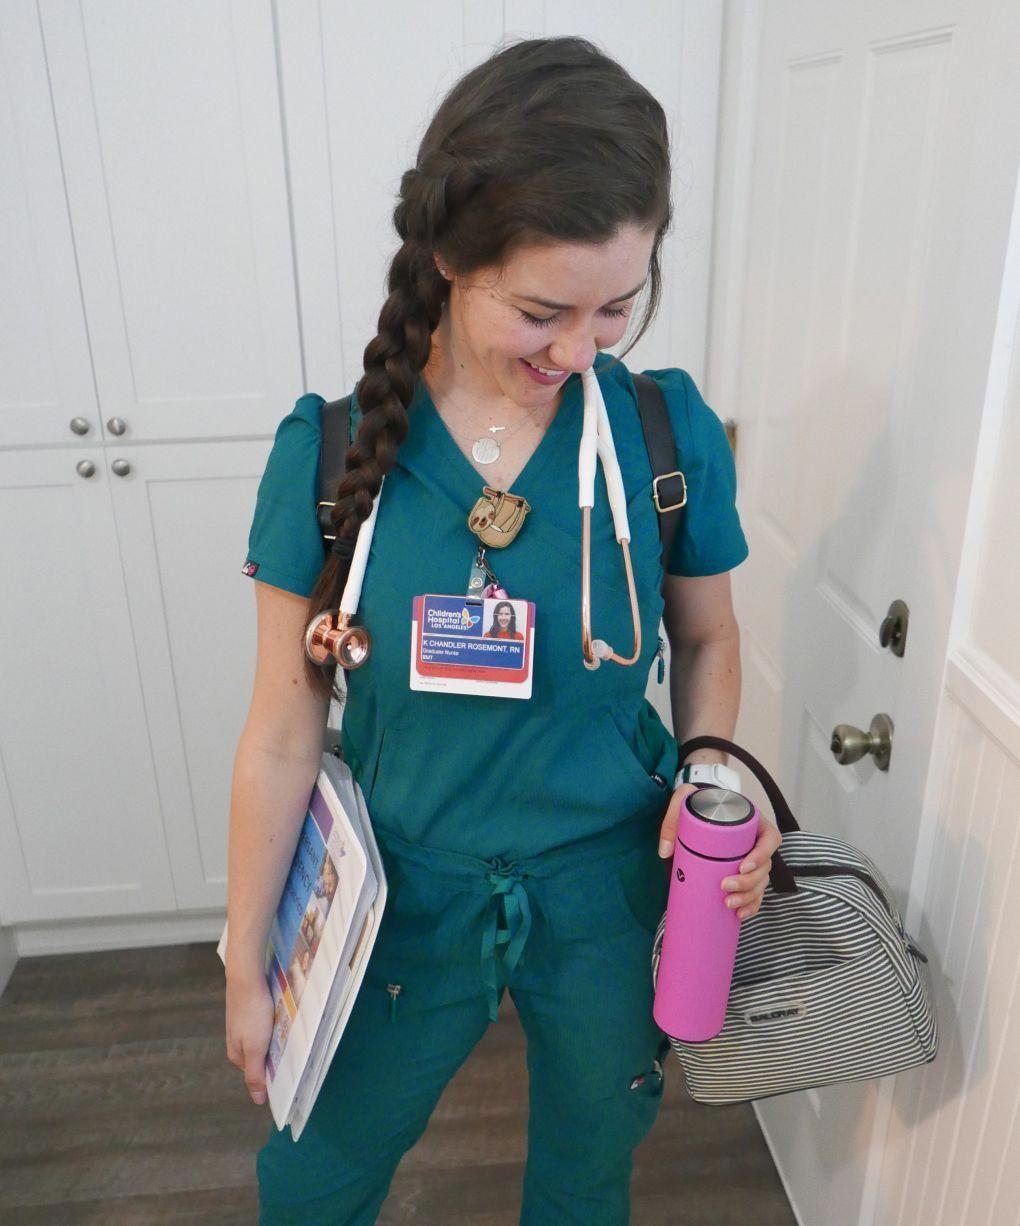 best nursing schools howlongisnursingschool New grad